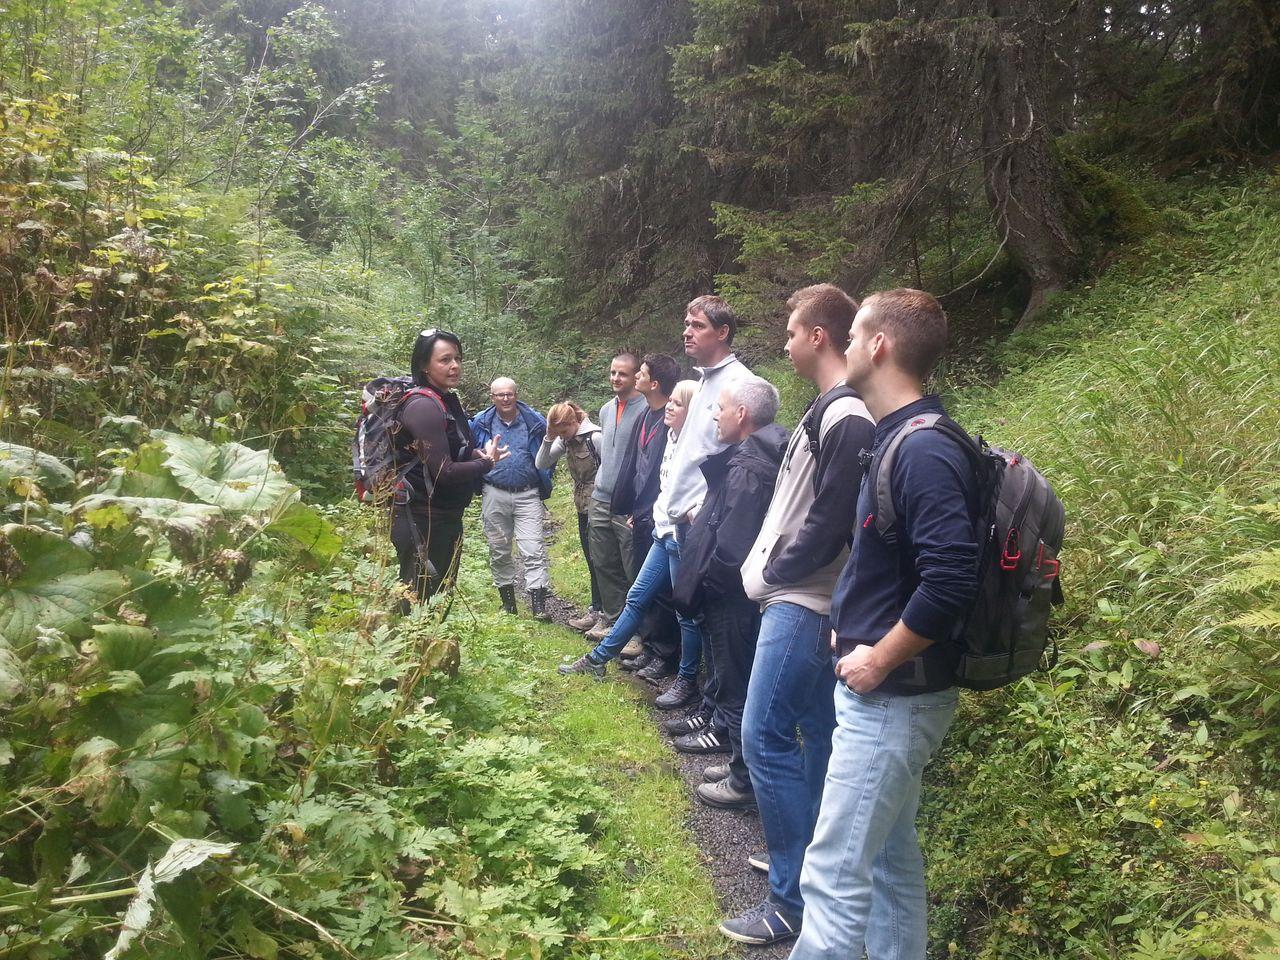 Sommer-Ferienprogramm, Bödmeren-Urwaldexkursion